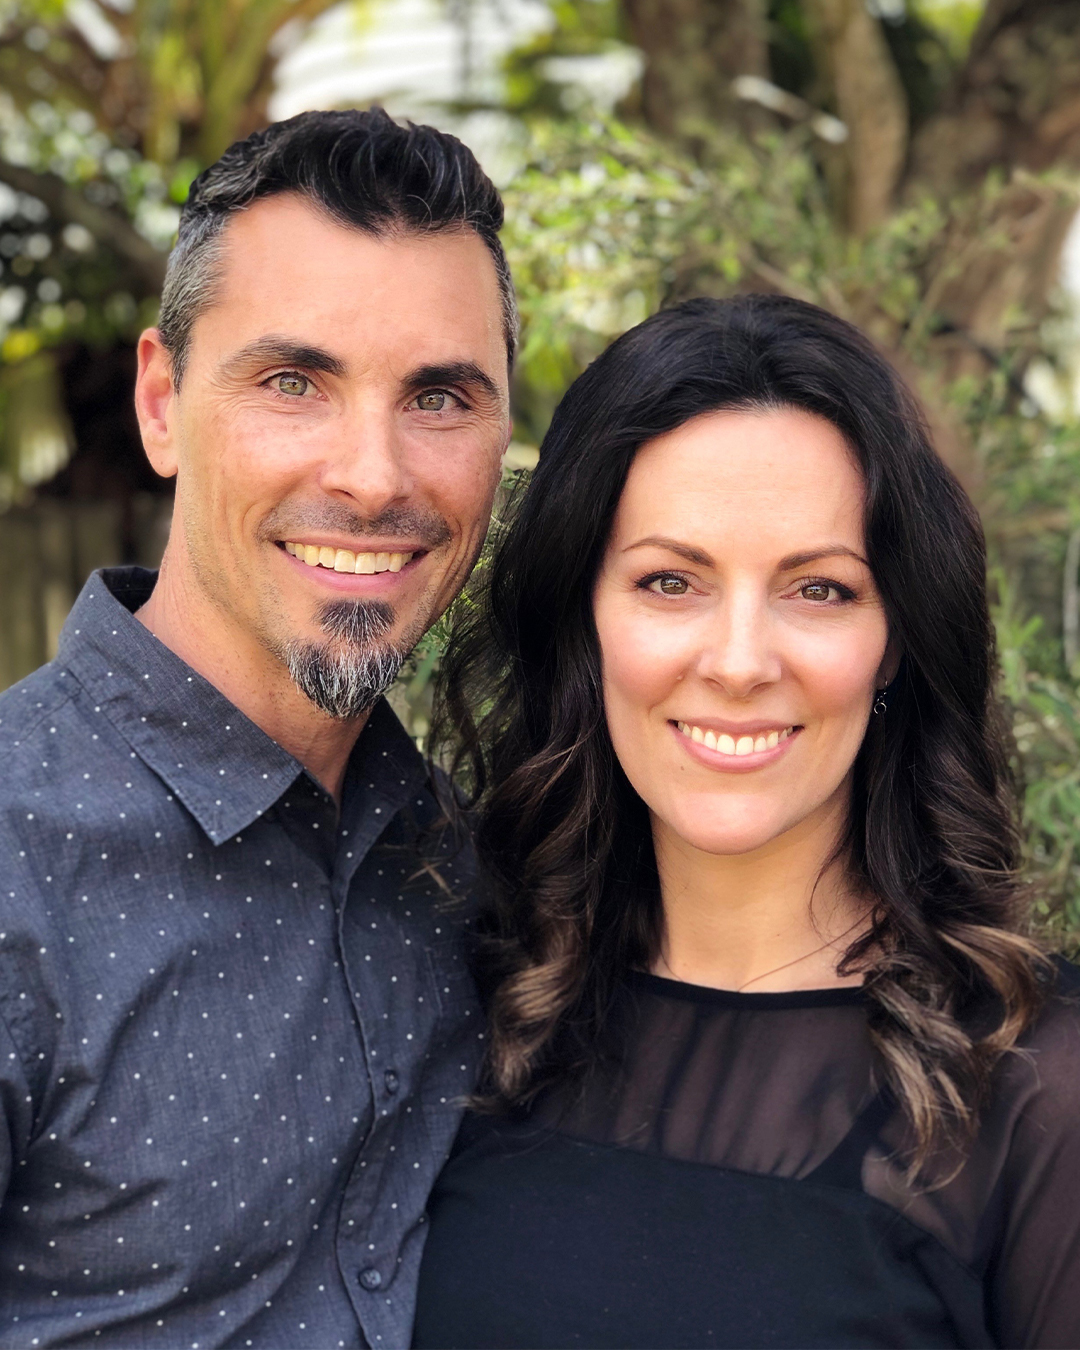 Robert and Rebecca Fenske